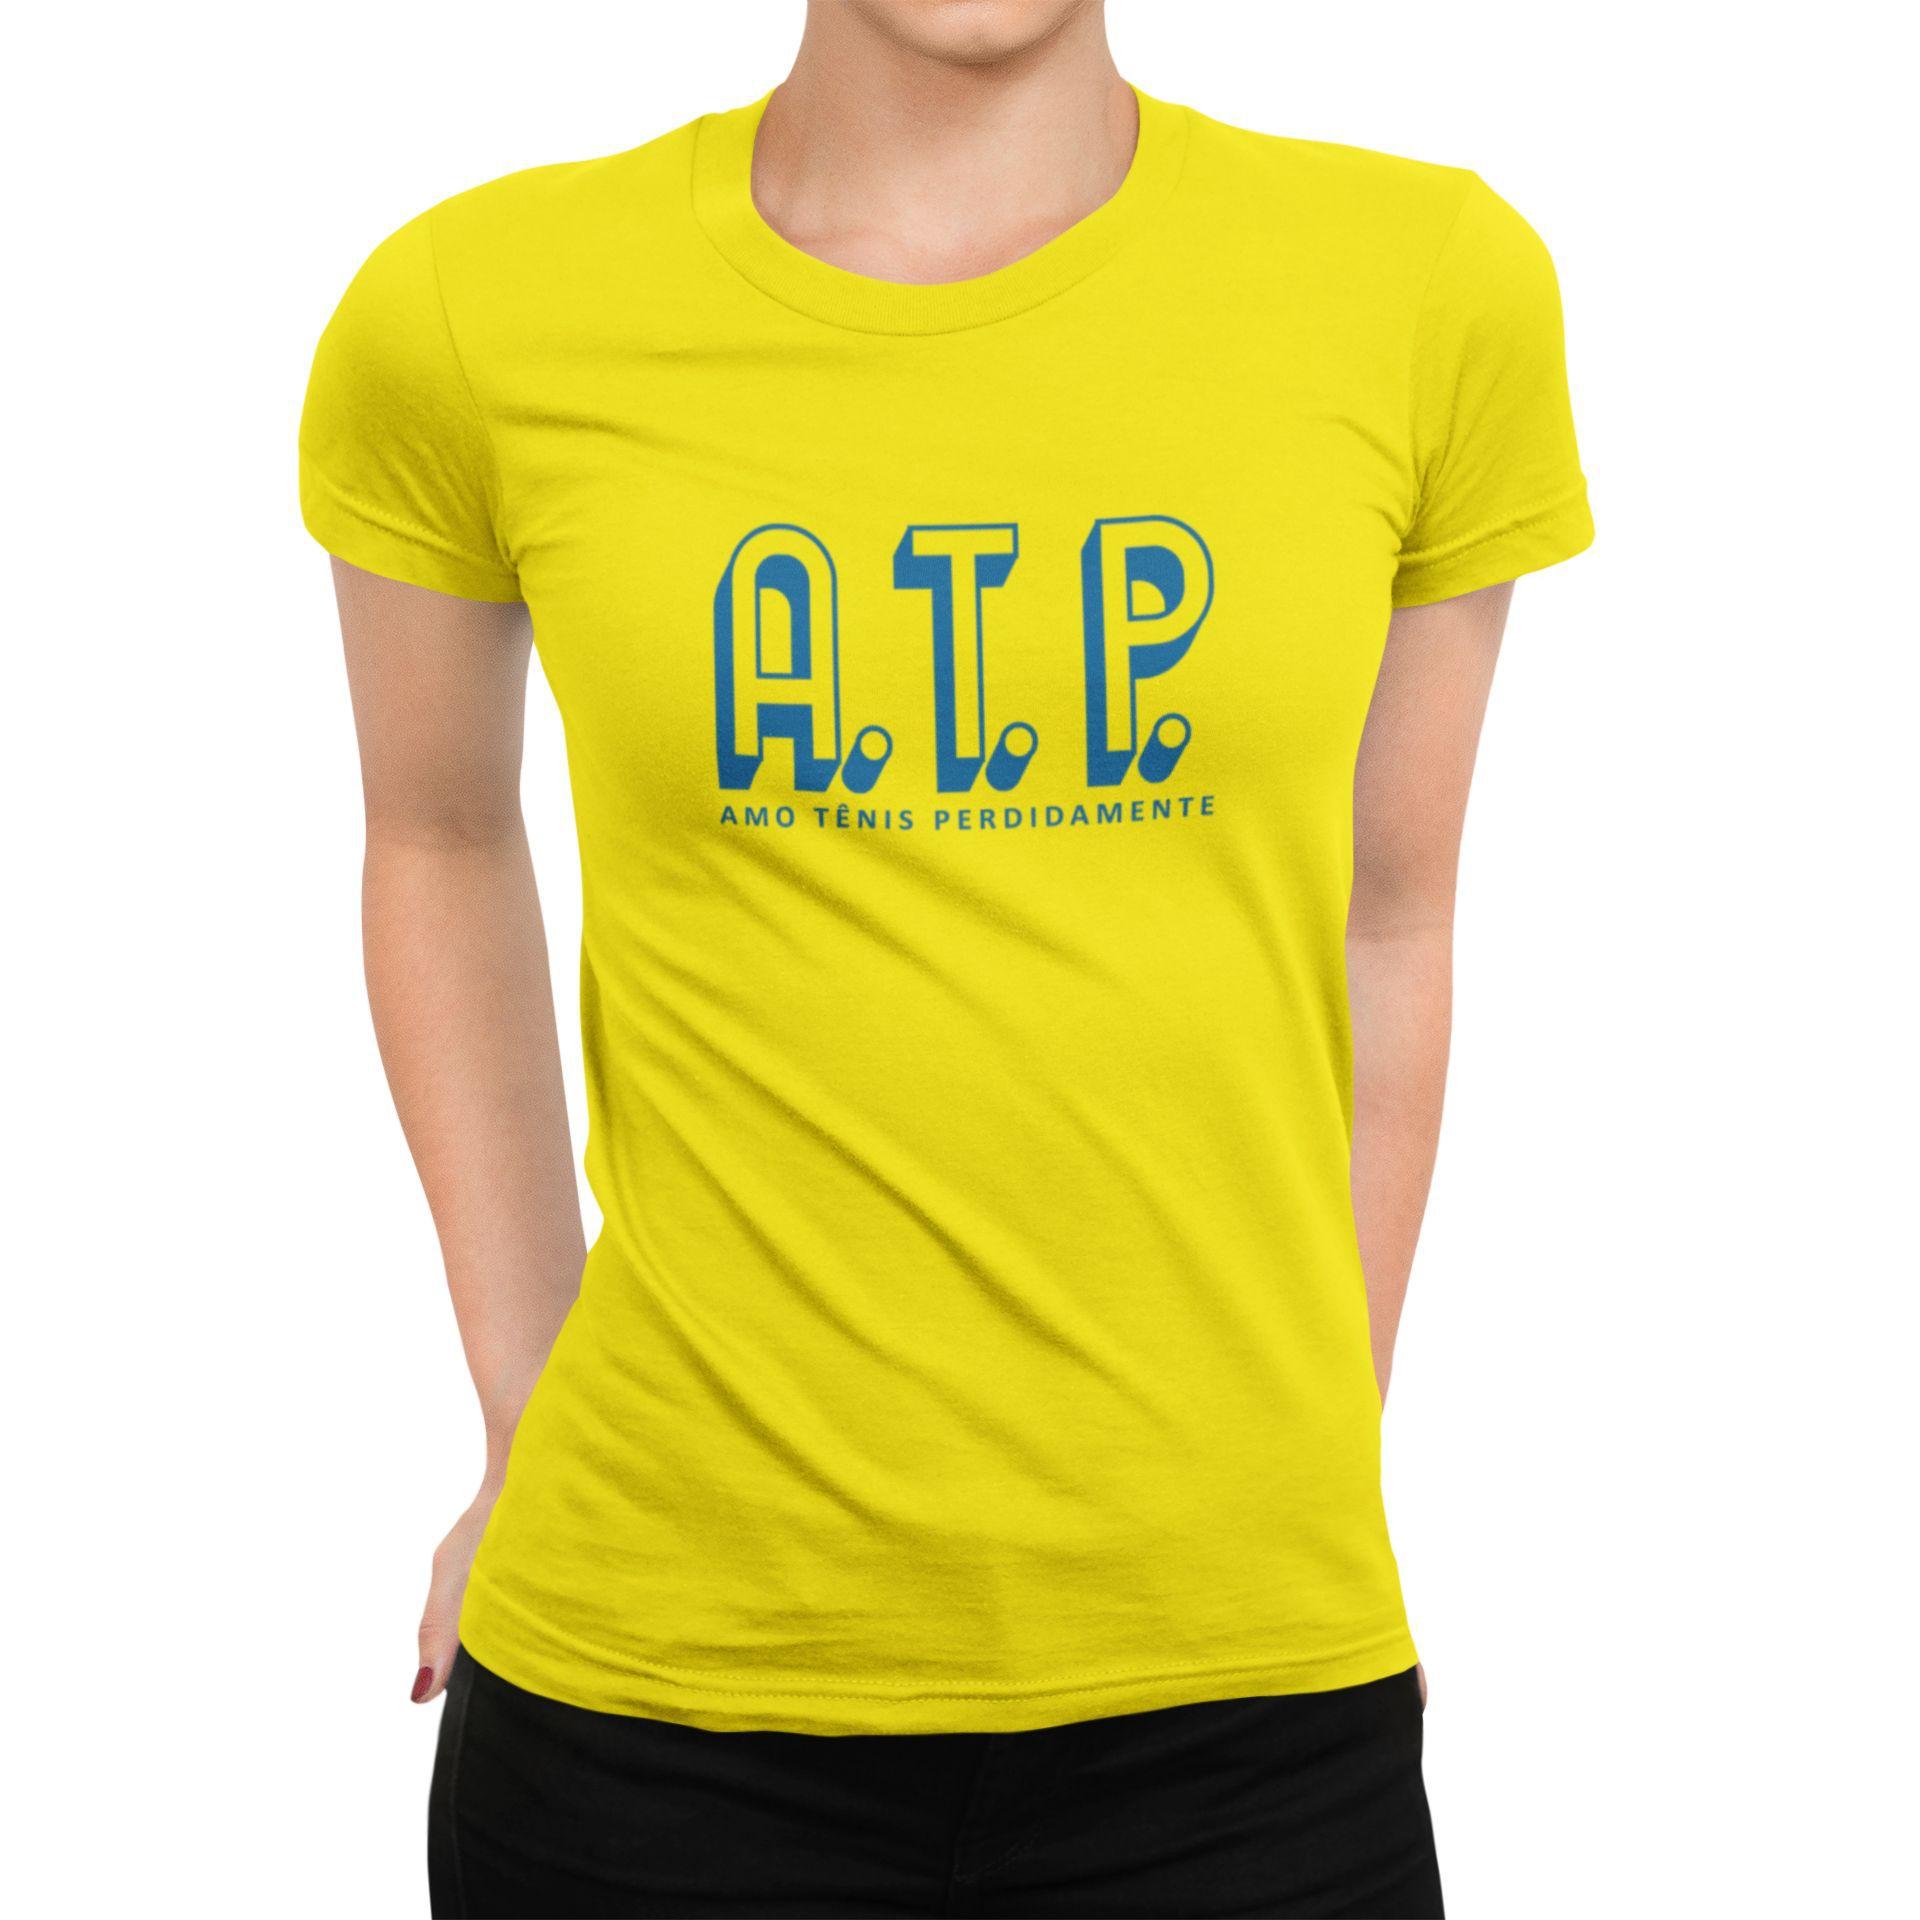 Camiseta ATP (AMO TÊNIS PERDIDAMENTE) >> Coleção 2019 >> FEMININA